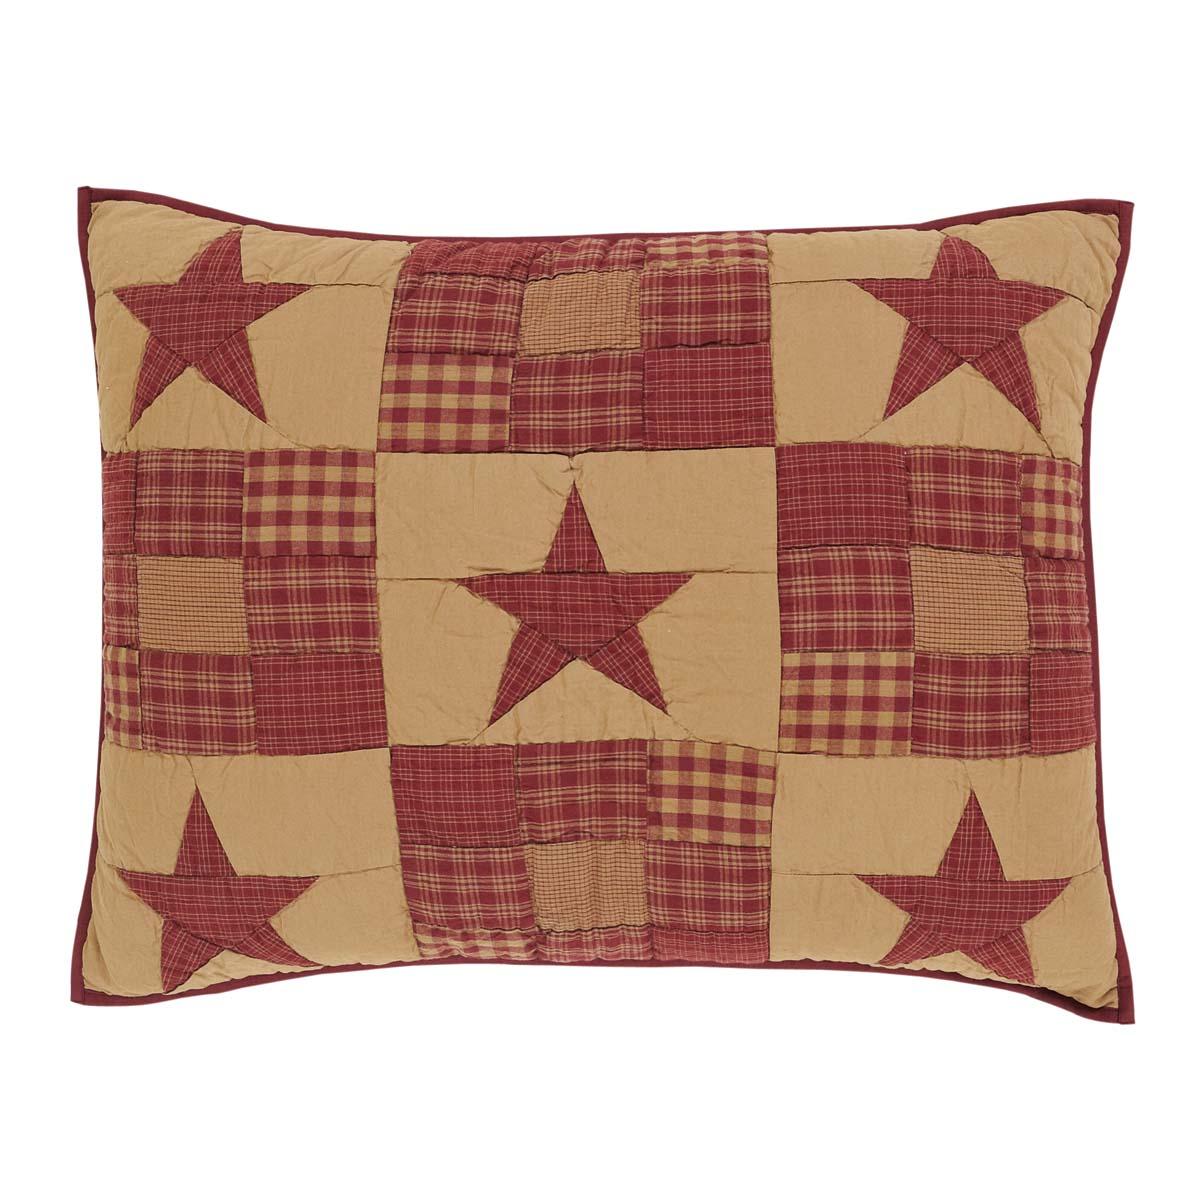 Burgundy Red Primitive Bedding Cody Burgundy Star Cotton Hand Quilted Patchwork Star Standard Sham